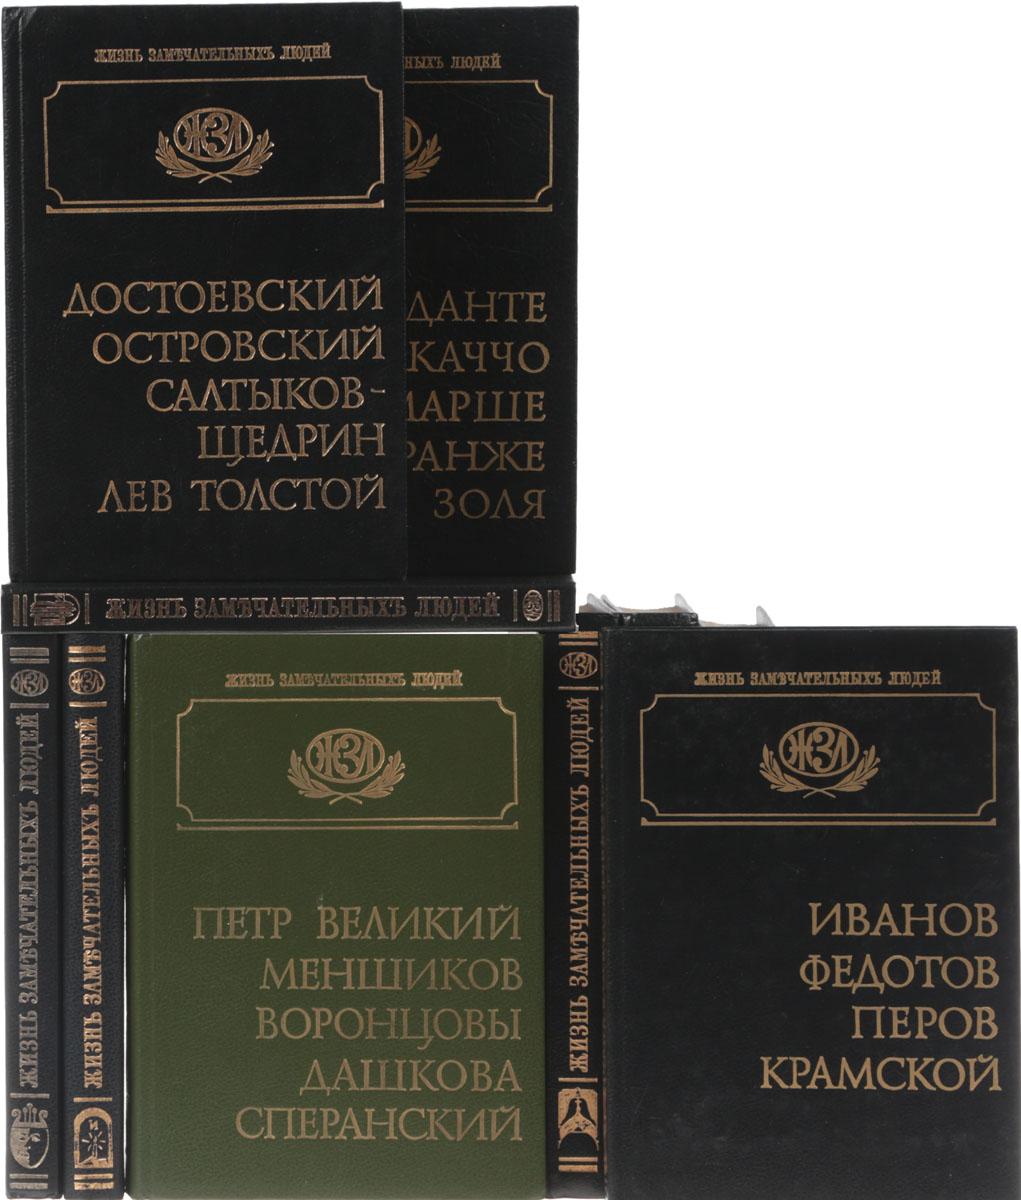 Серия Жизнь замечательных людей. Биографическая библиотека Флорентия Павленкова (комплект из 10 книг)